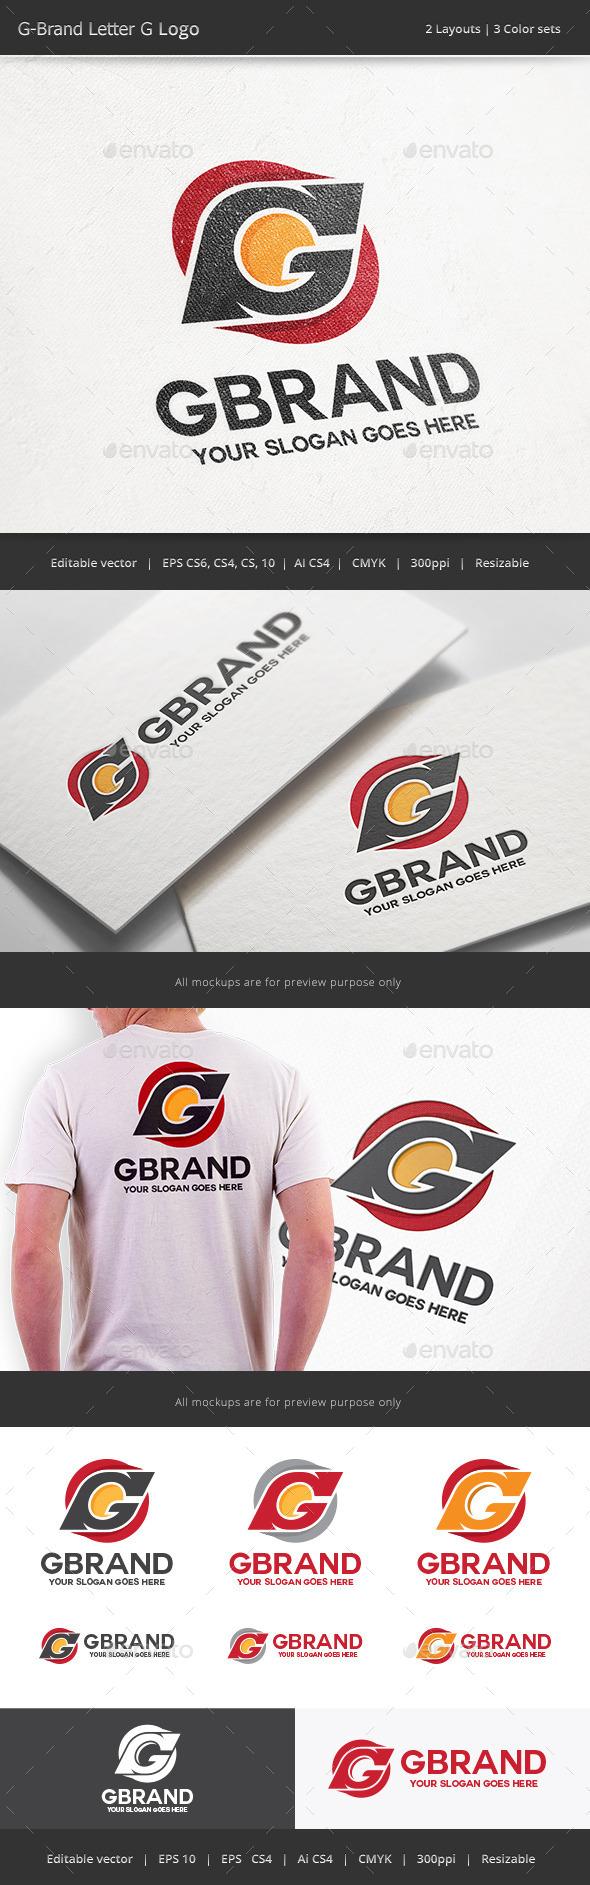 G Brand Letter G Logo - Letters Logo Templates